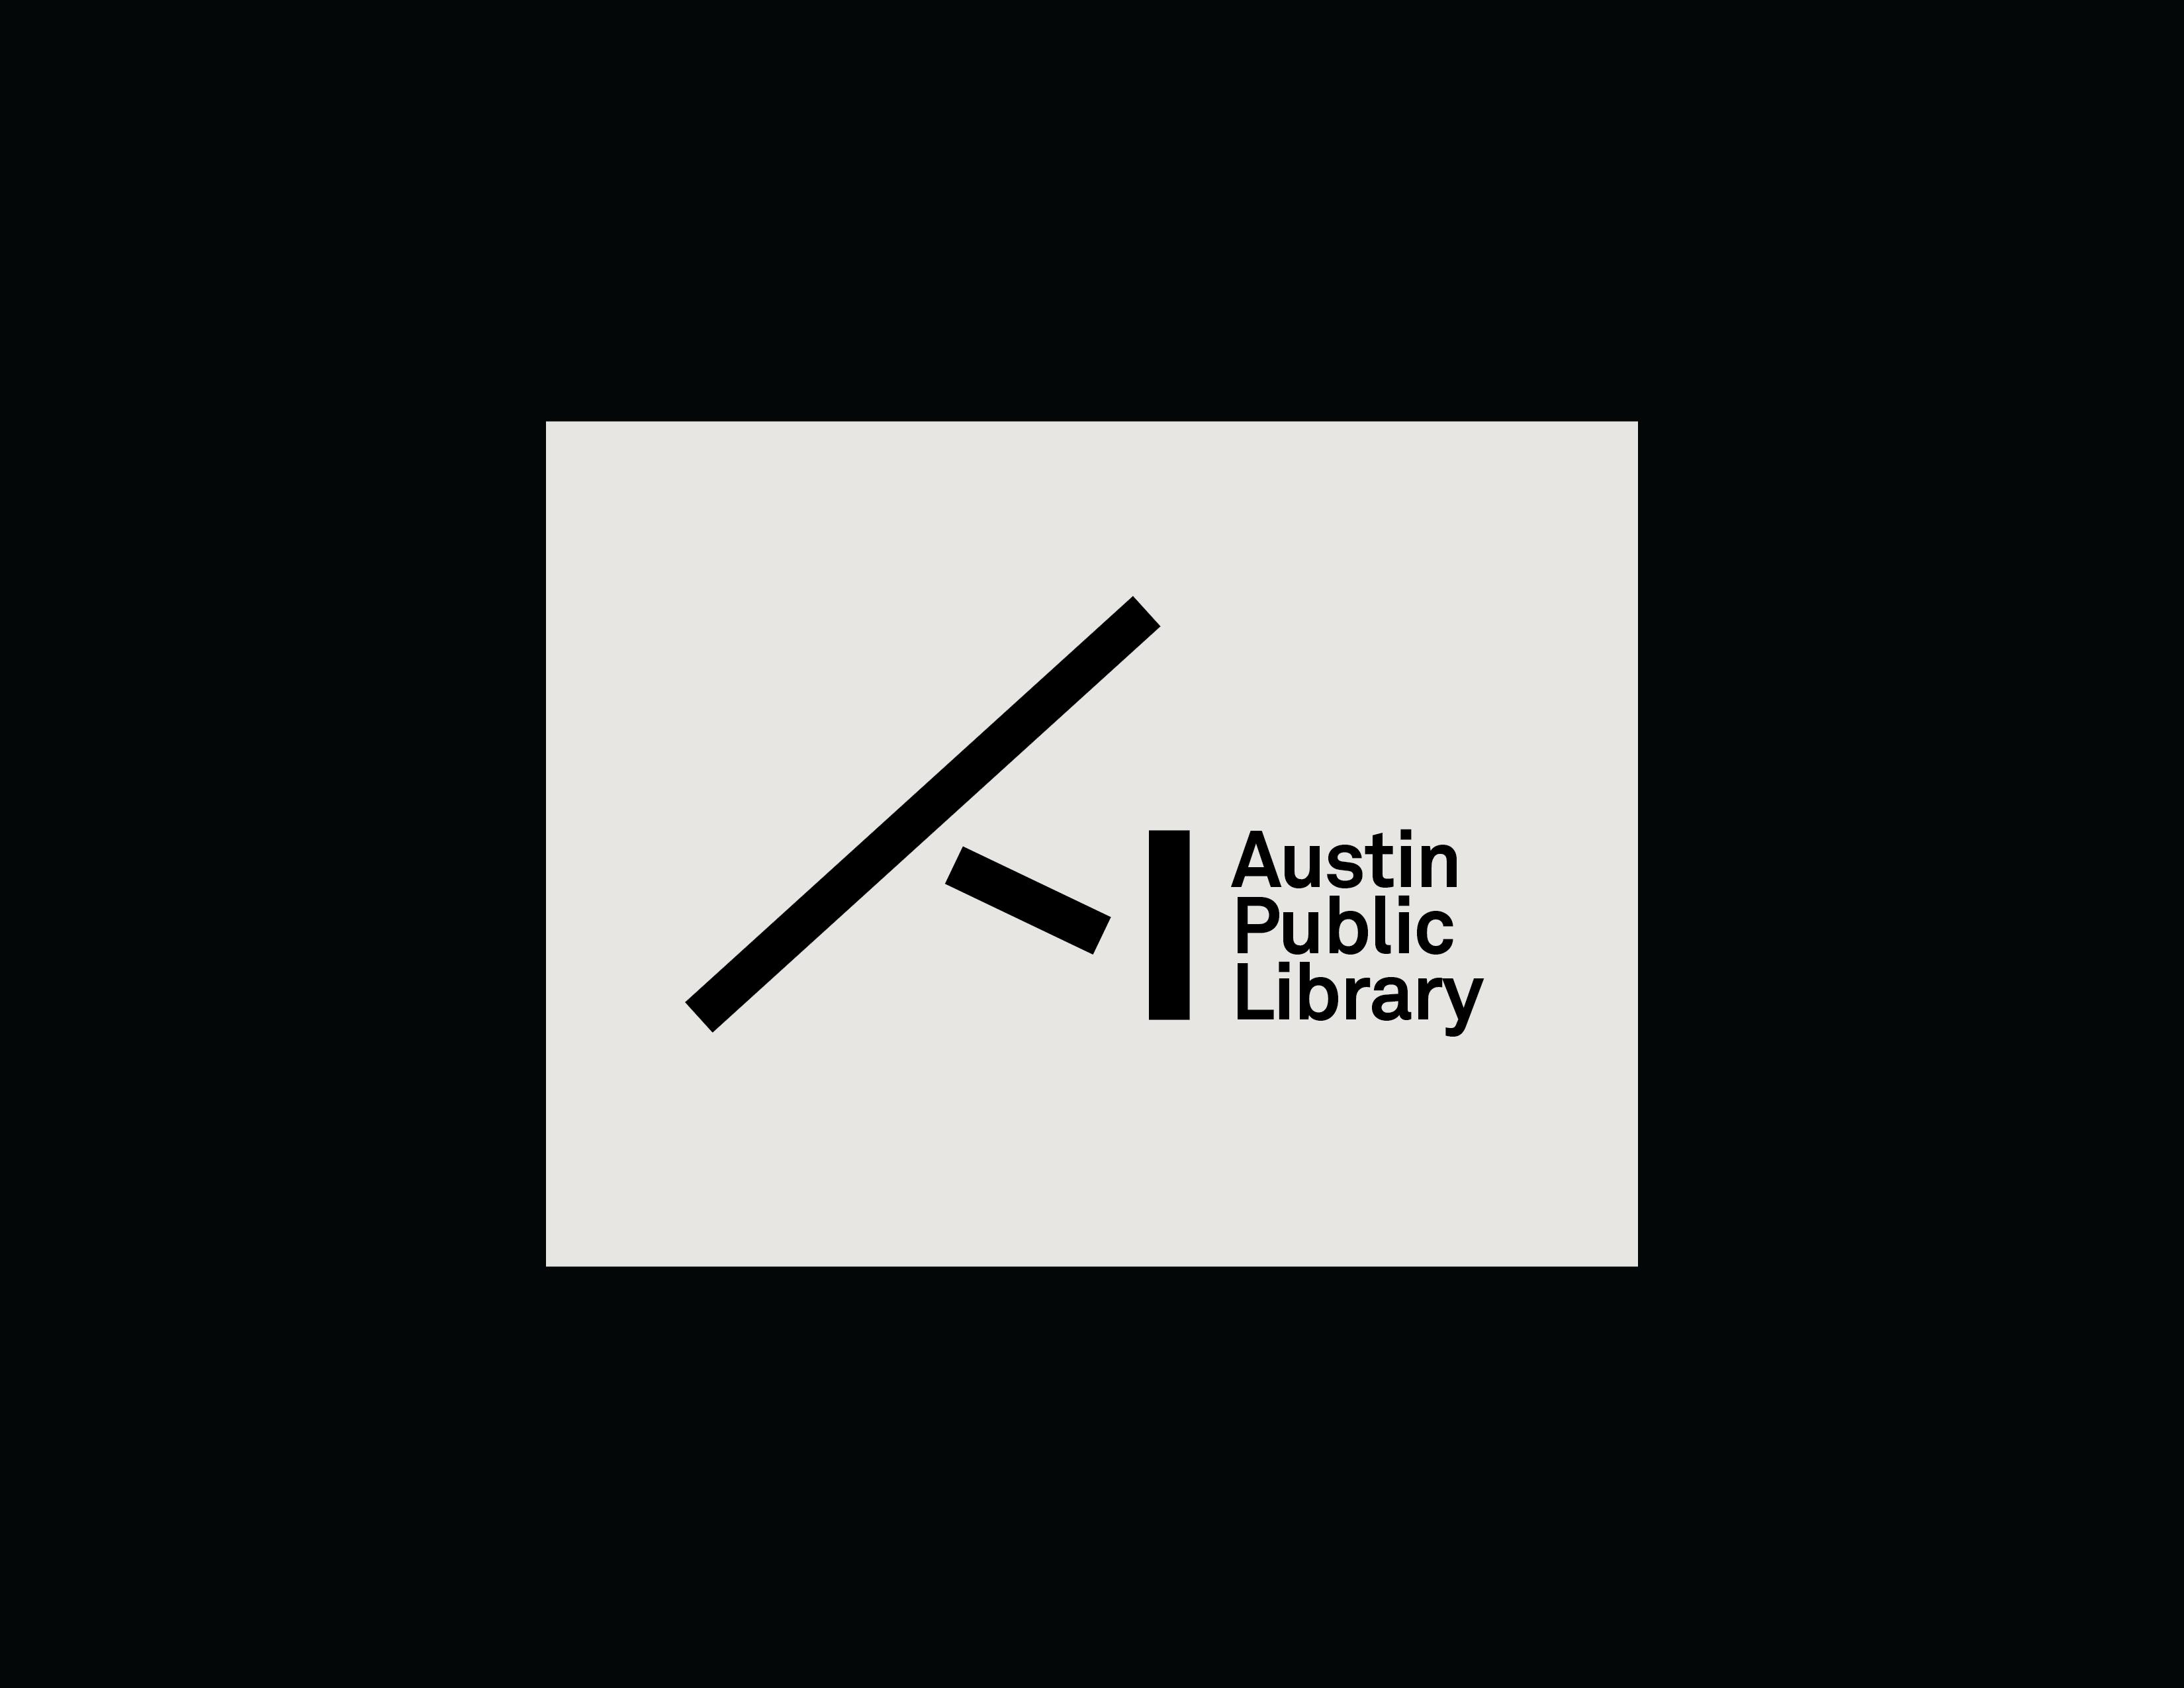 Austin_Public_liberary_finalv2-01